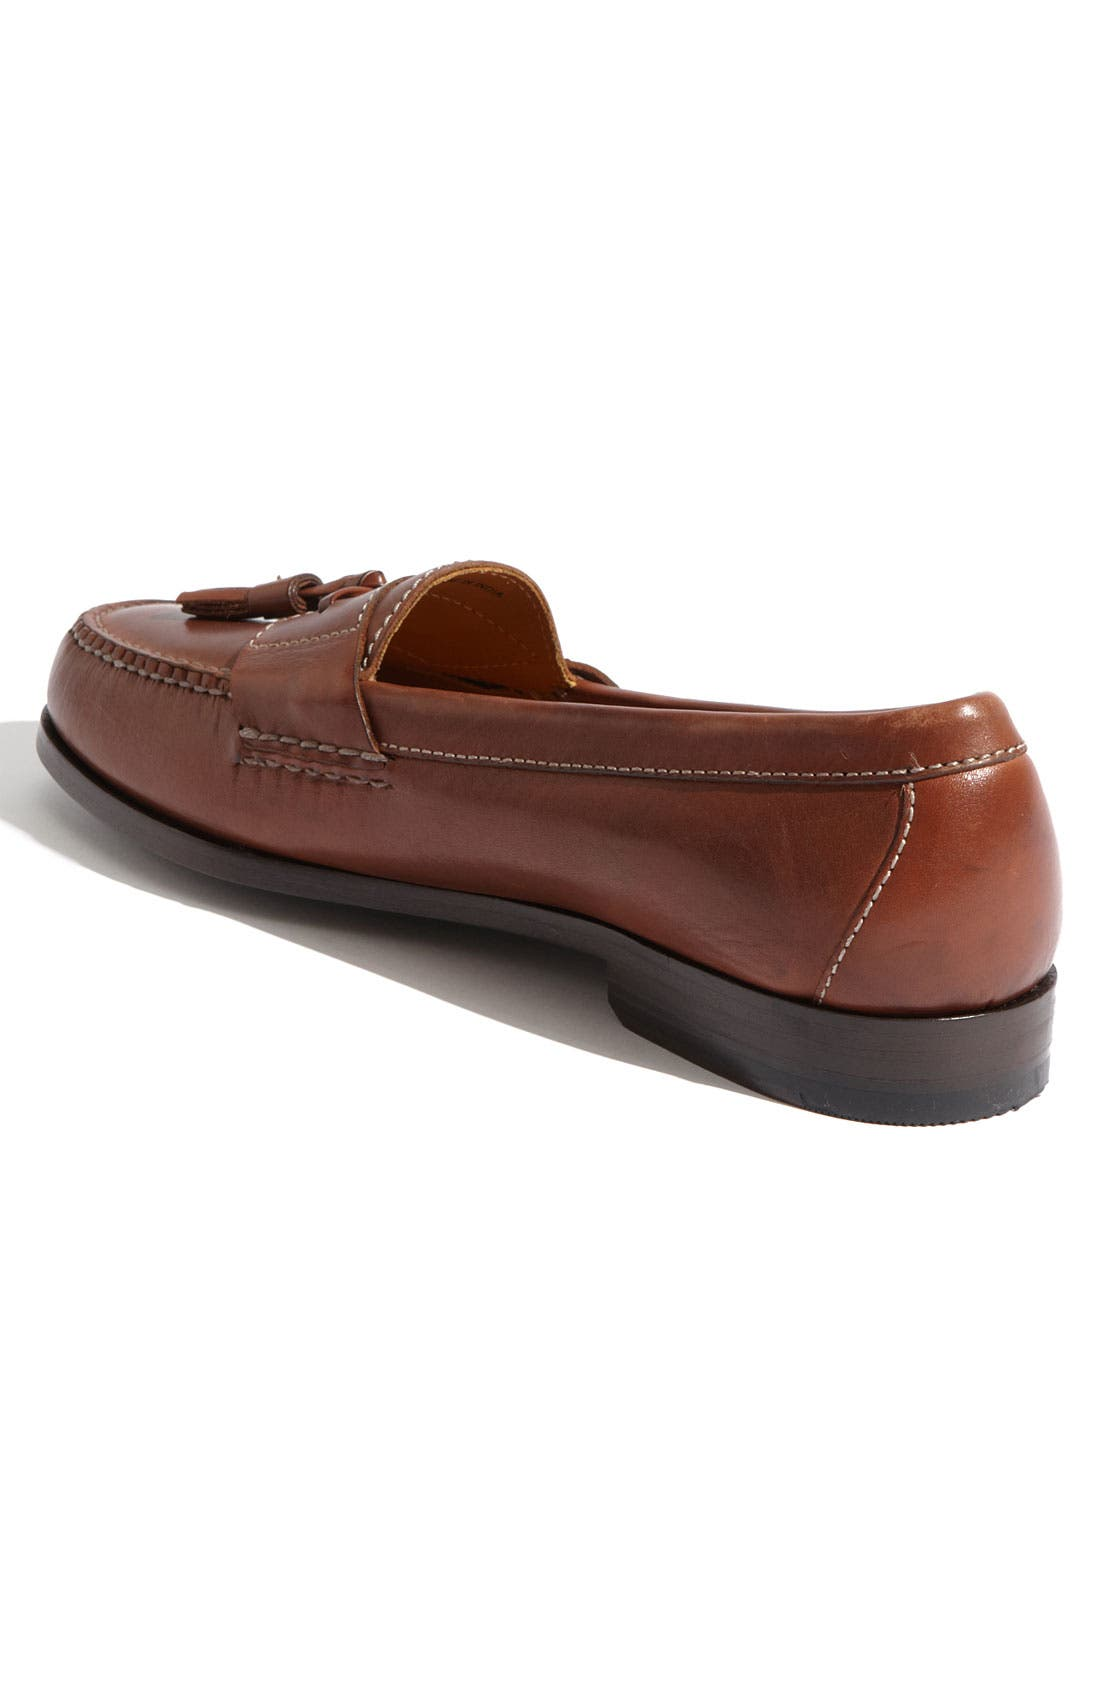 Alternate Image 2  - Cole Haan 'Pinch Tassel' Loafer (Online Only)   (Men)